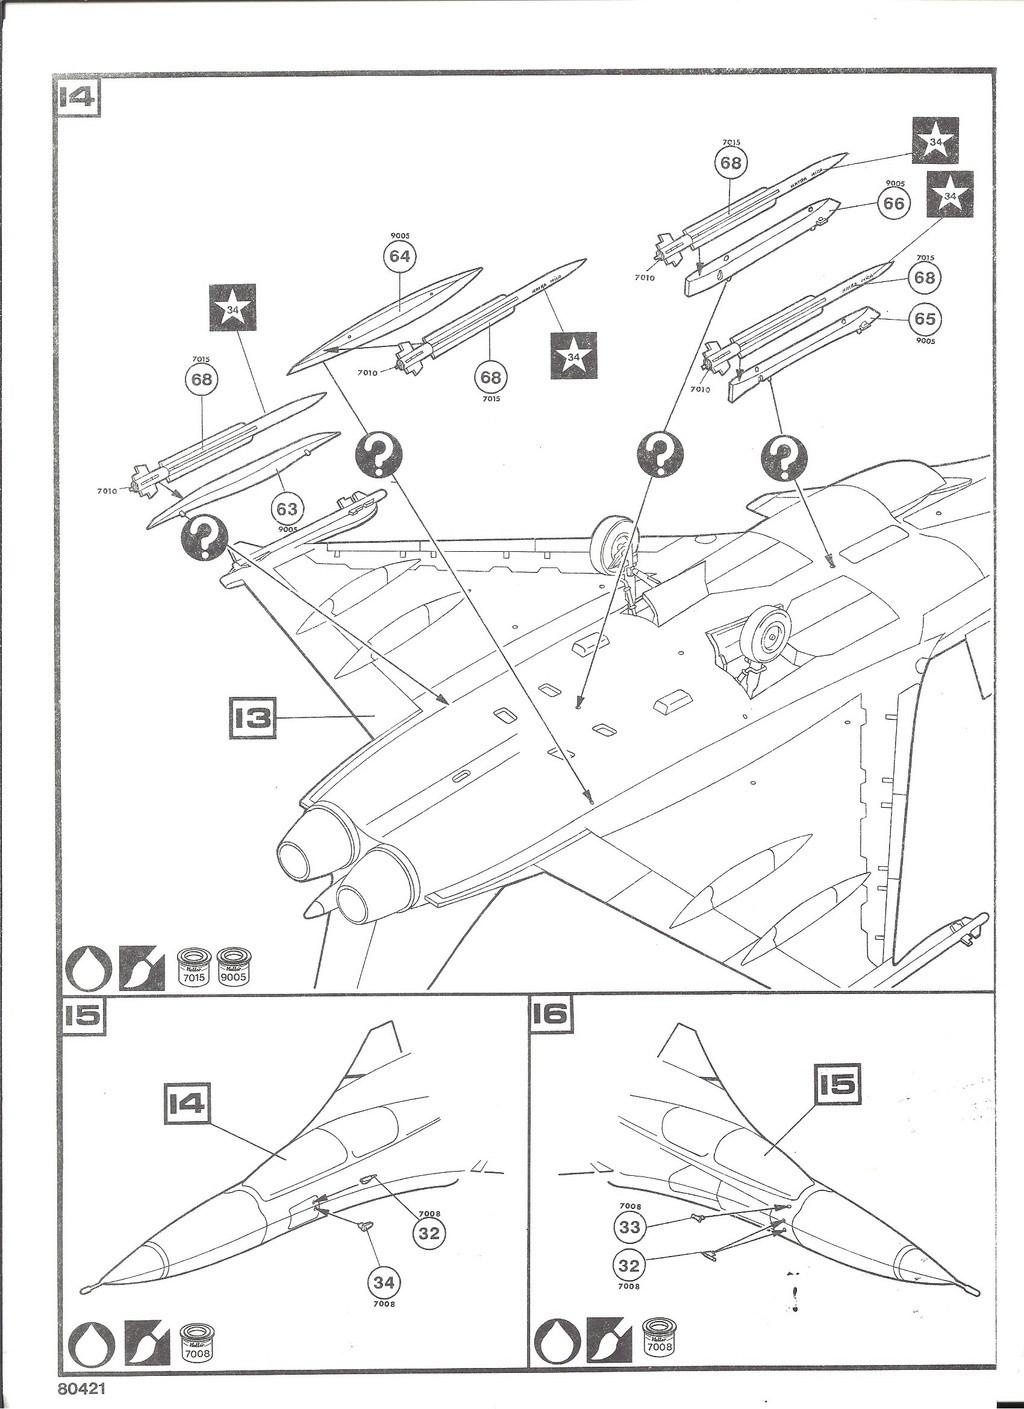 DASSAULT BA RAFALE 1/48ème Ref 80421-Notice Helle519